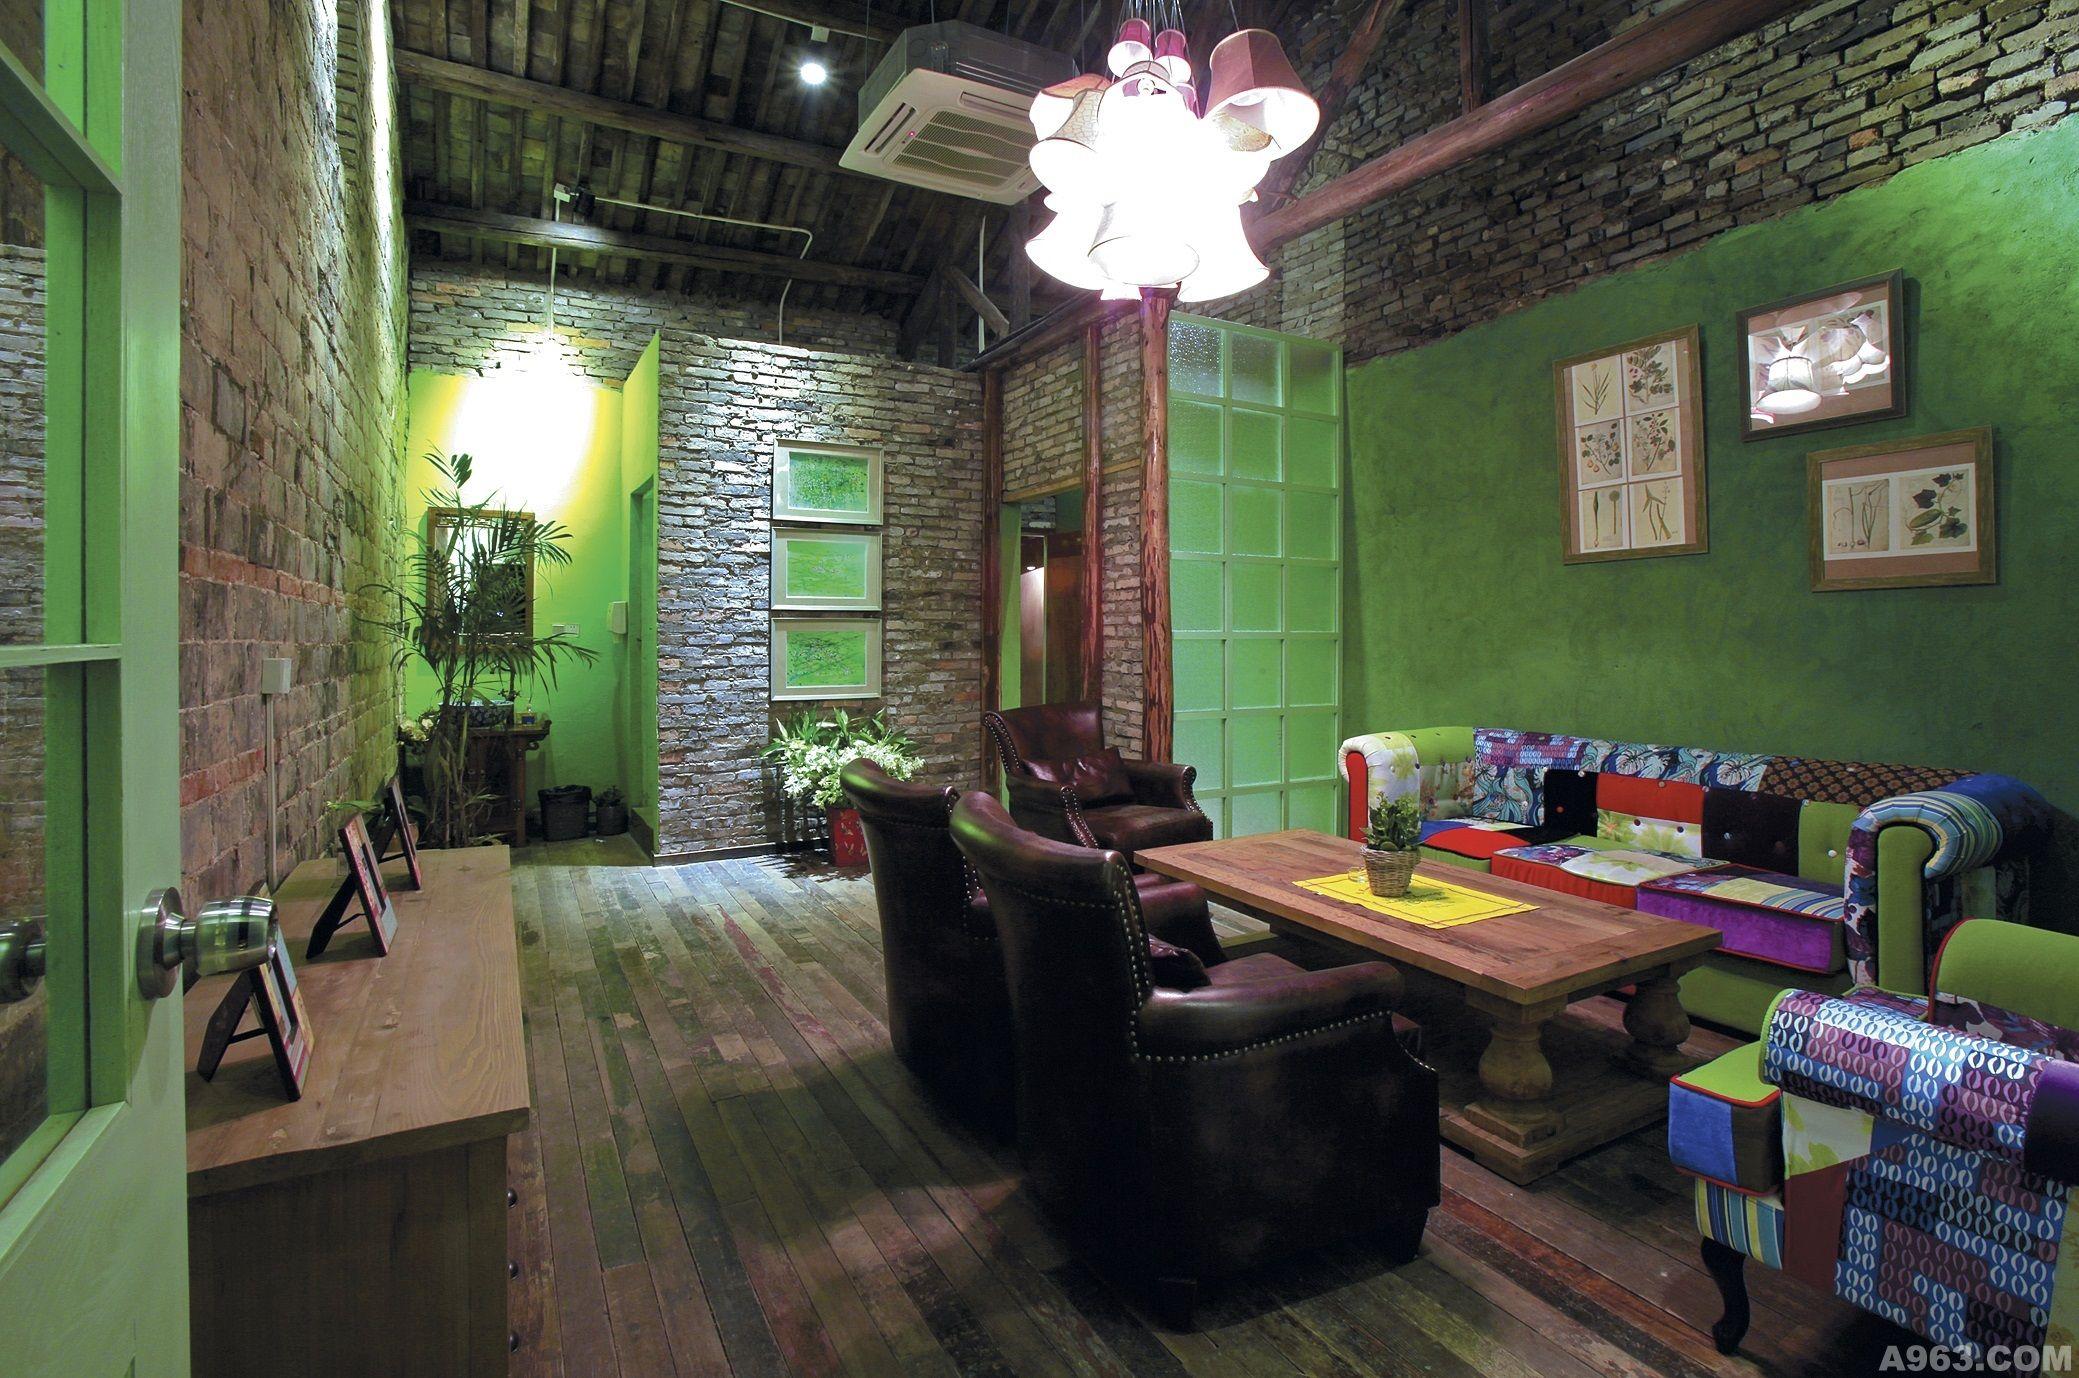 浅绿咖啡小院 - 餐饮空间 - 第3页 - 刘宏裕设计作品